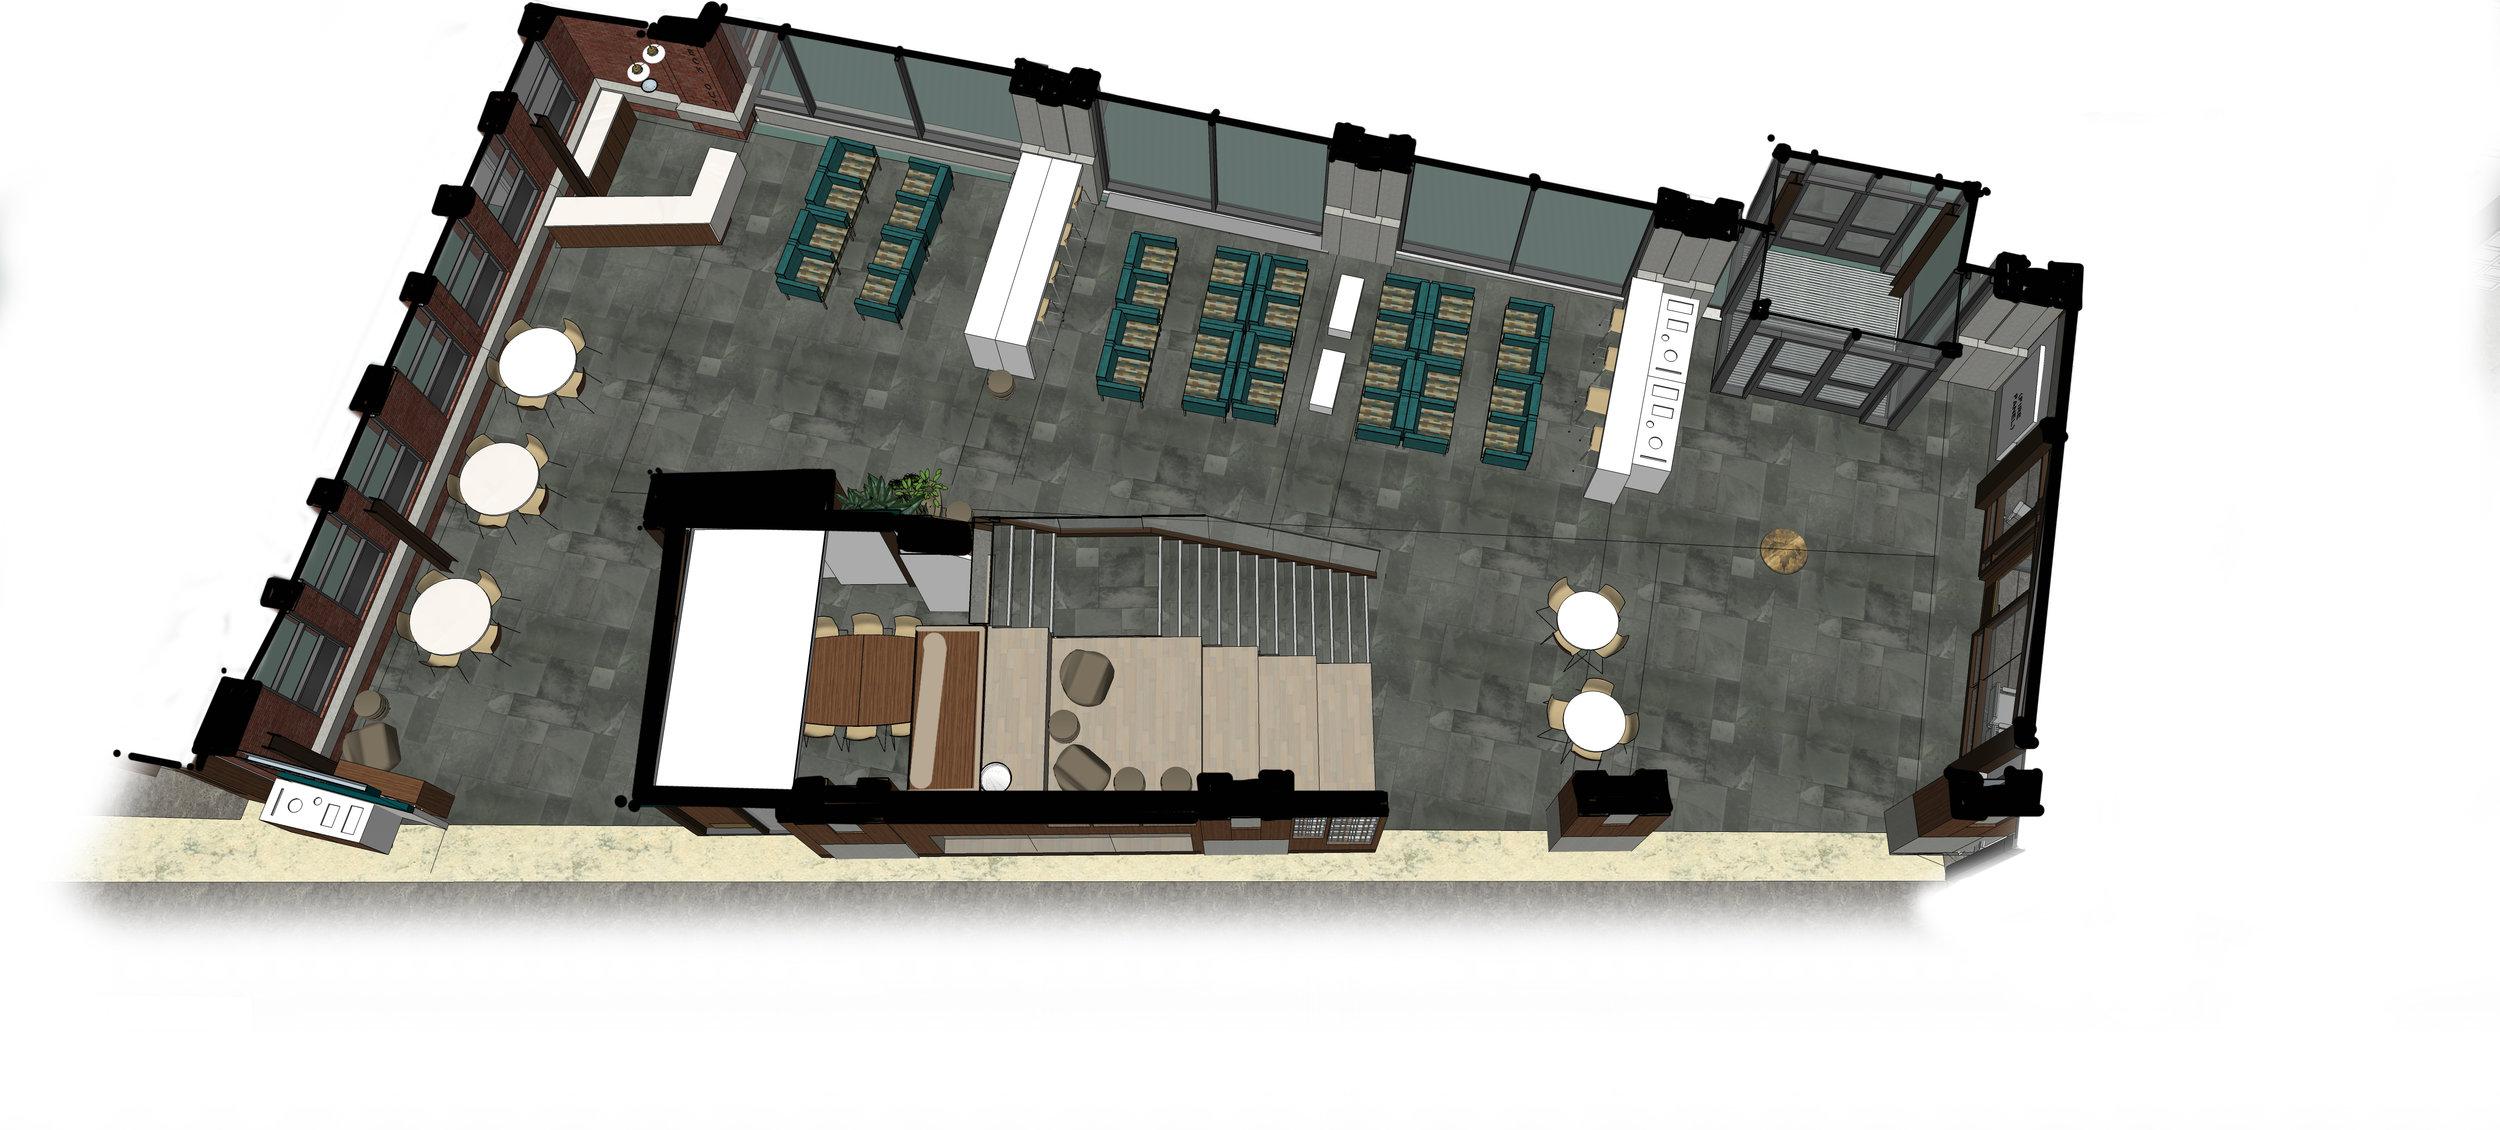 2017 04 17_atrium plan.jpg